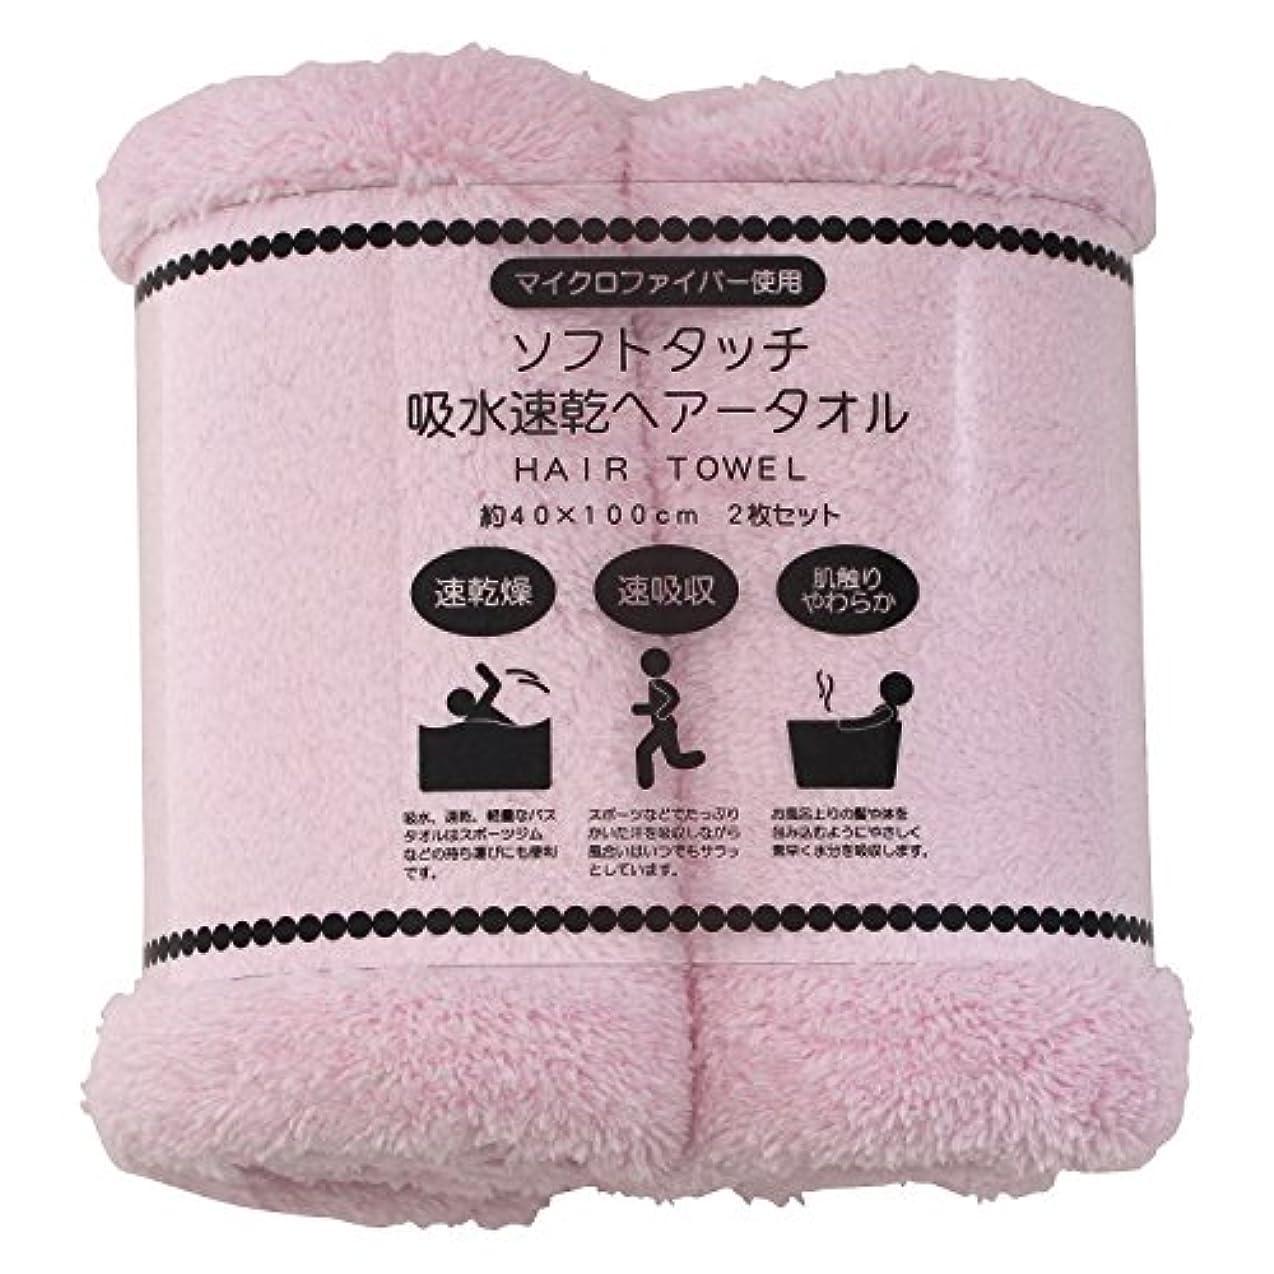 ミリメートル箱のぞき見ソフトタッチ吸水速乾ヘアータオル 40×100cm 2枚セット ピンク